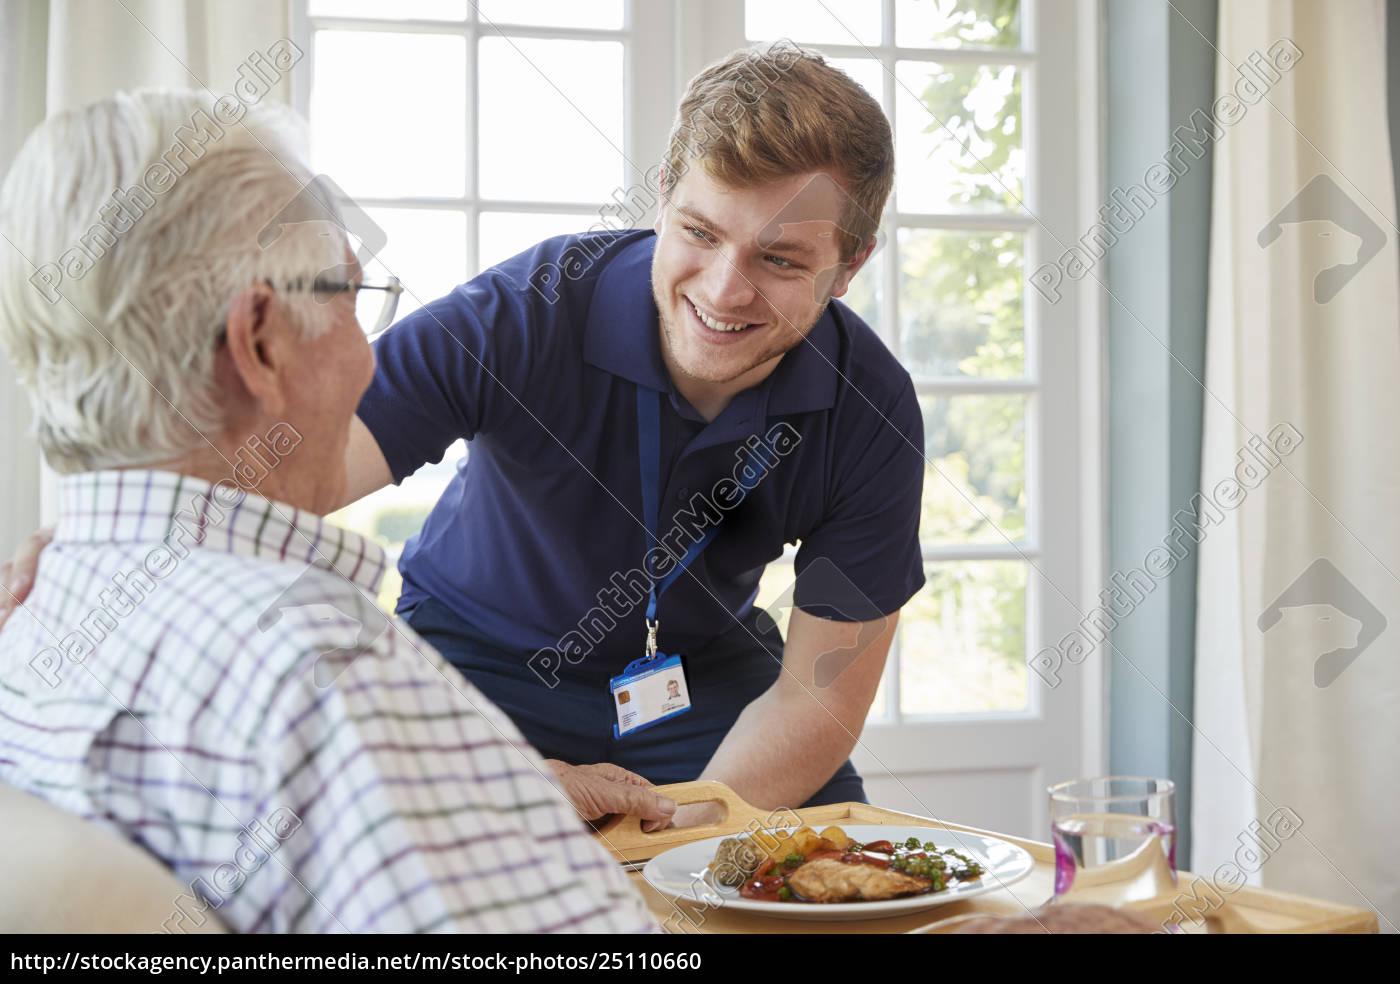 männliches, pflegearbeitskraftumhüllungsabendessen, zu, einem, älteren, mann - 25110660